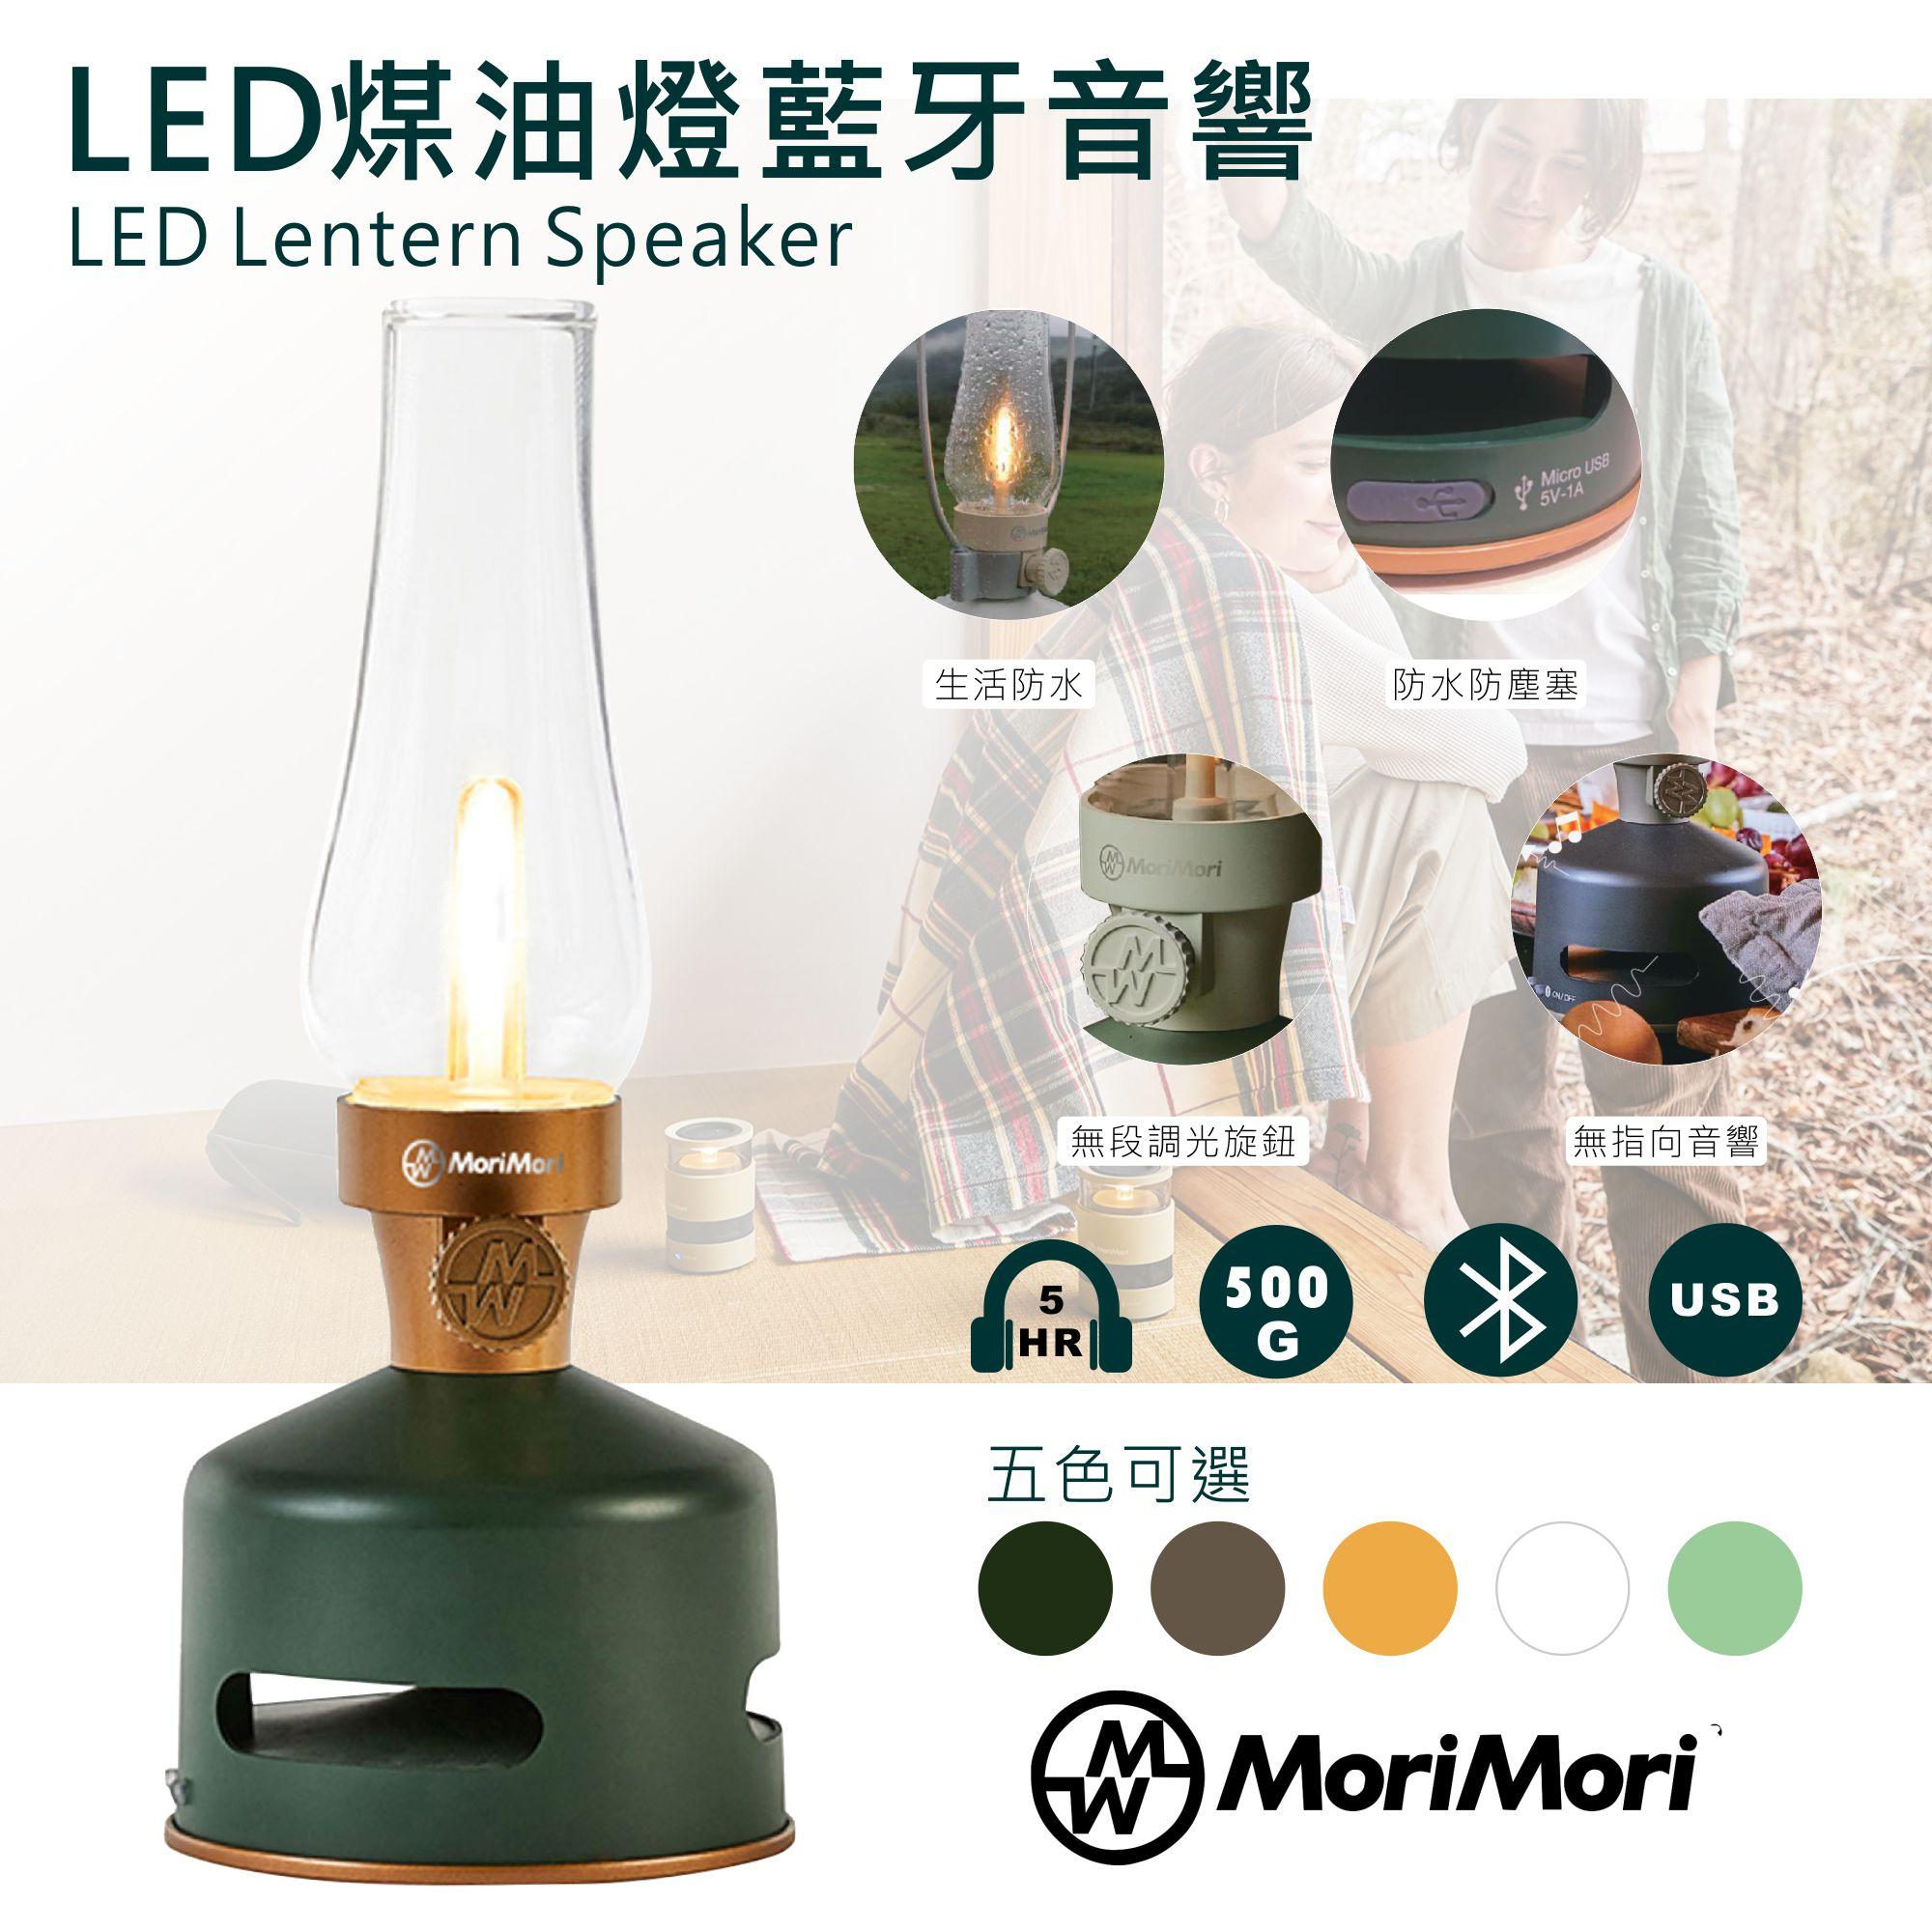 【日本】MoriMori 藍芽喇叭燈(深綠) 多功能LED燈 小夜燈 無段調光 防水 多功能音響 氣氛燈 高音質音響